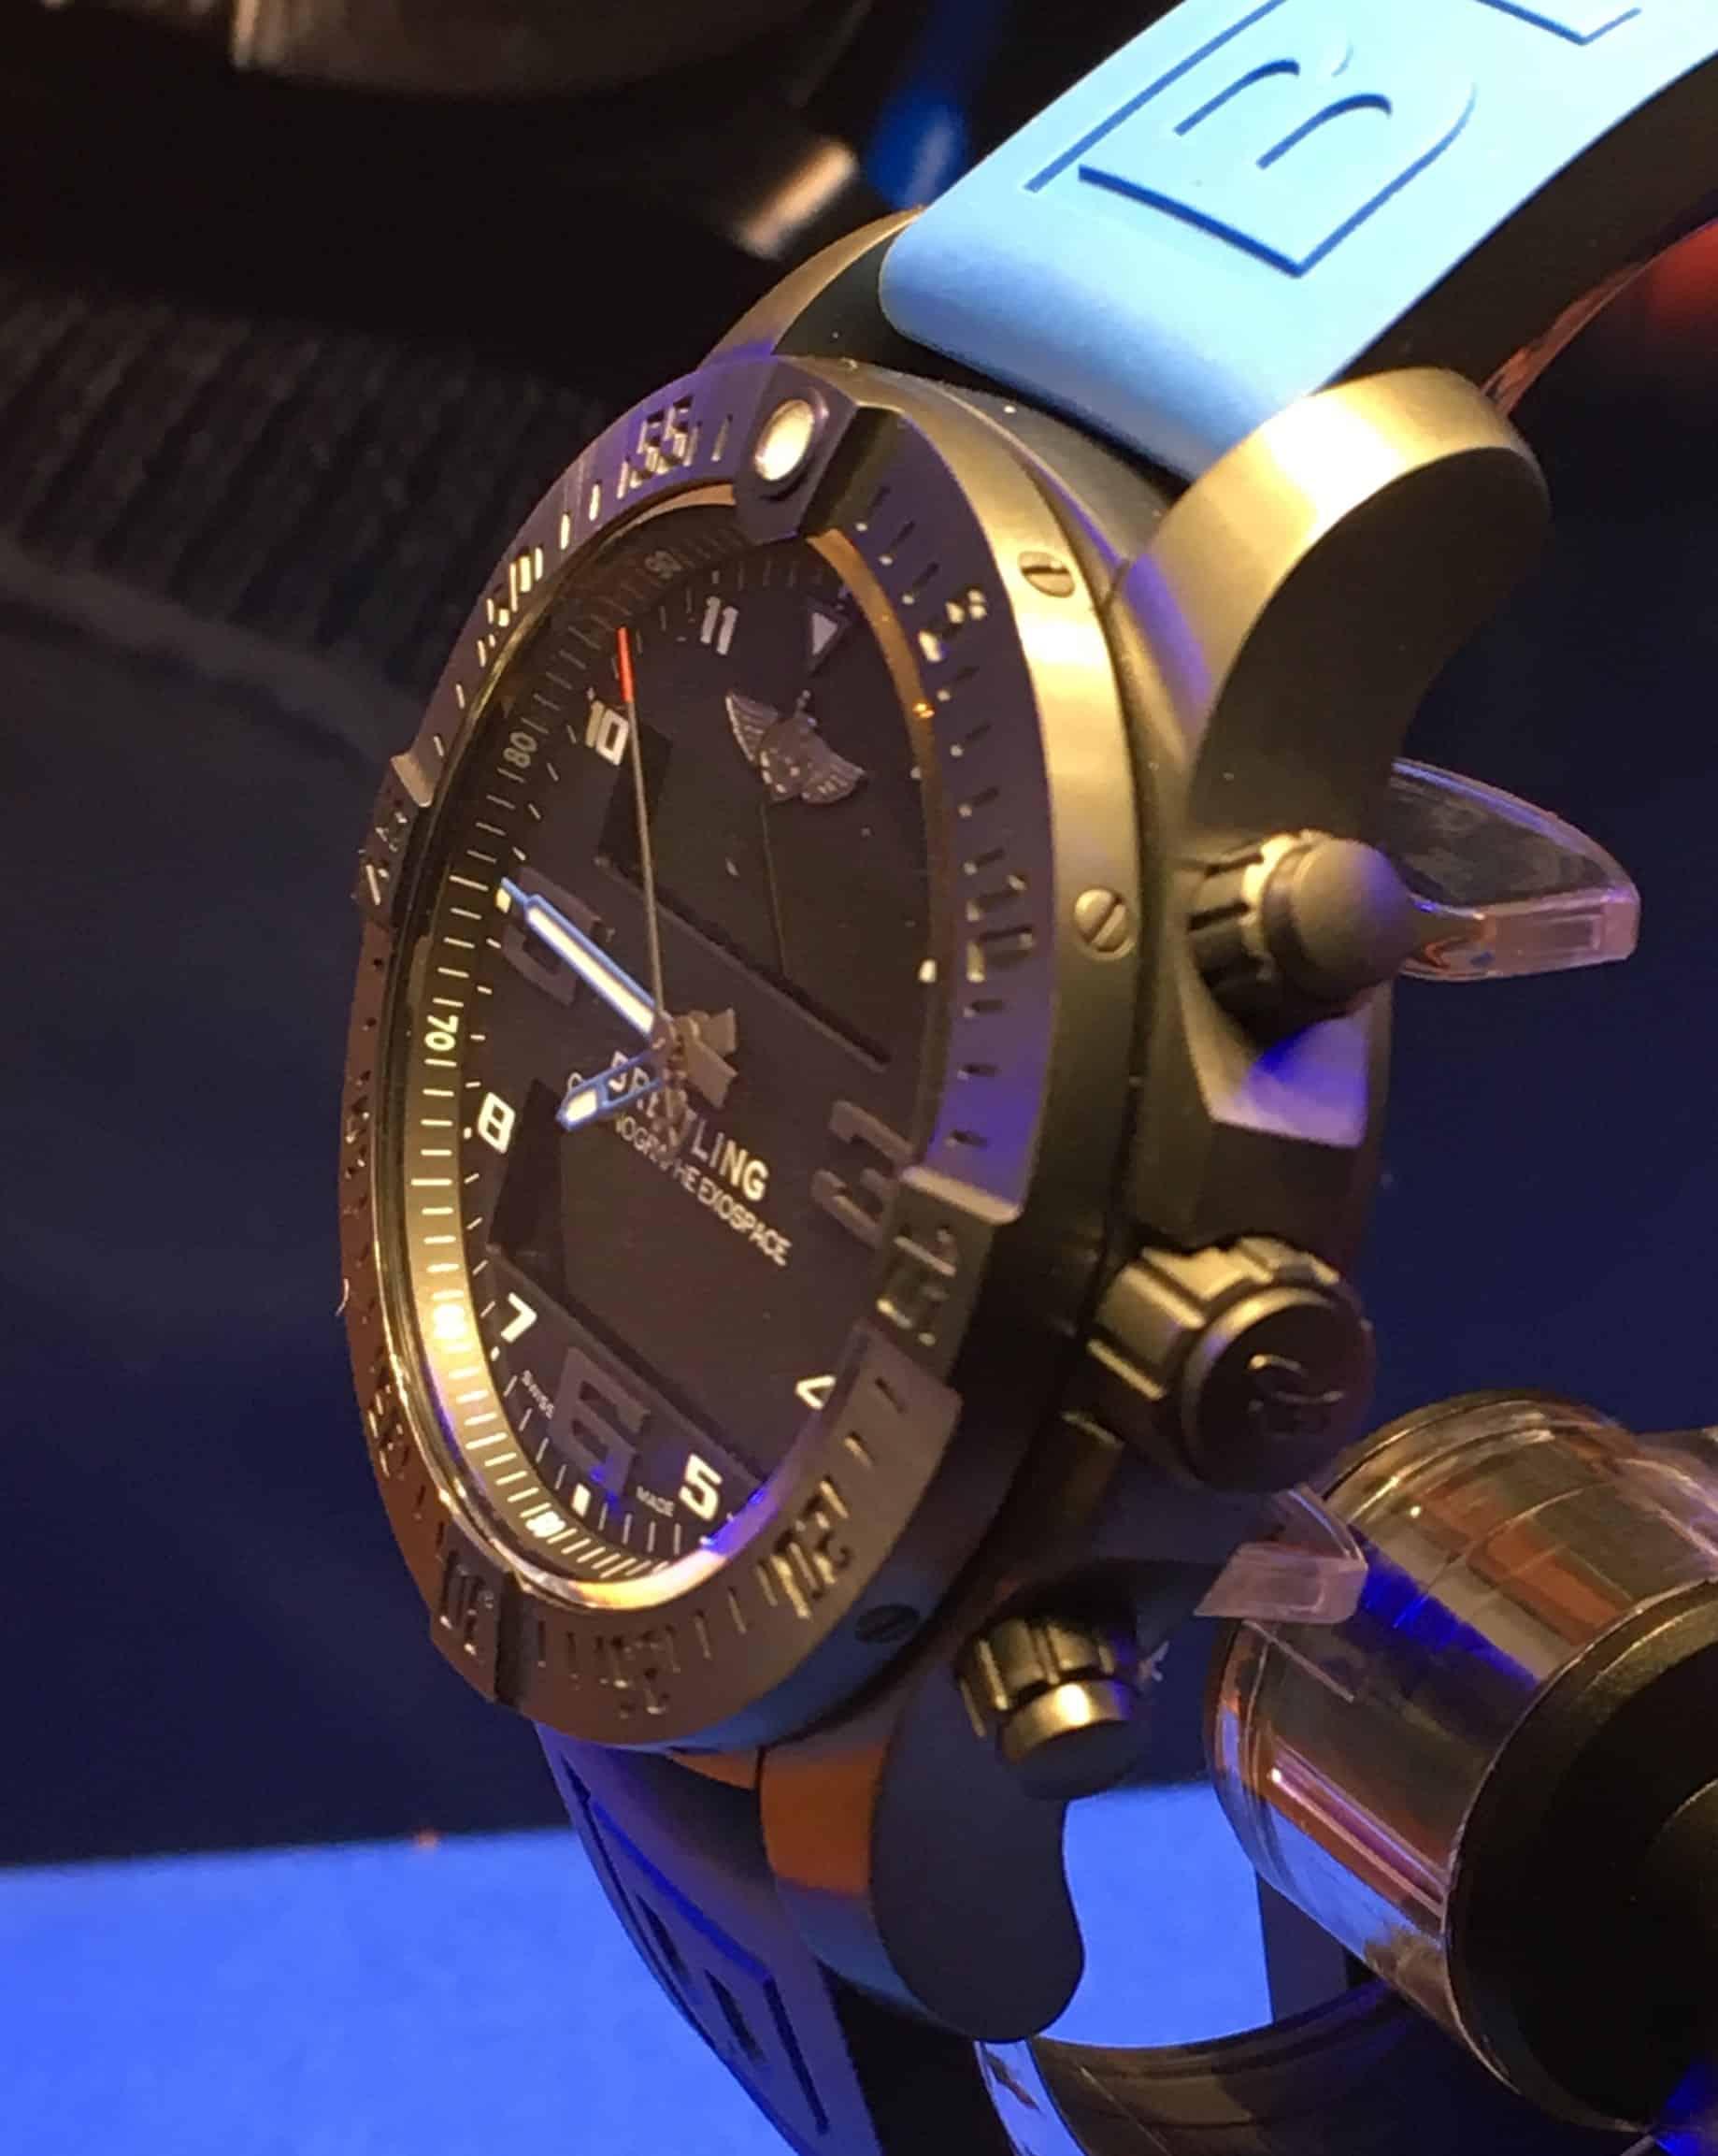 Von der Seite betrachtet erkennt man den klassischen Uhrenkorpus und die Zeitanzeige. Integriert ins Zifferblatt dann die digitalen Anzeigeflächen